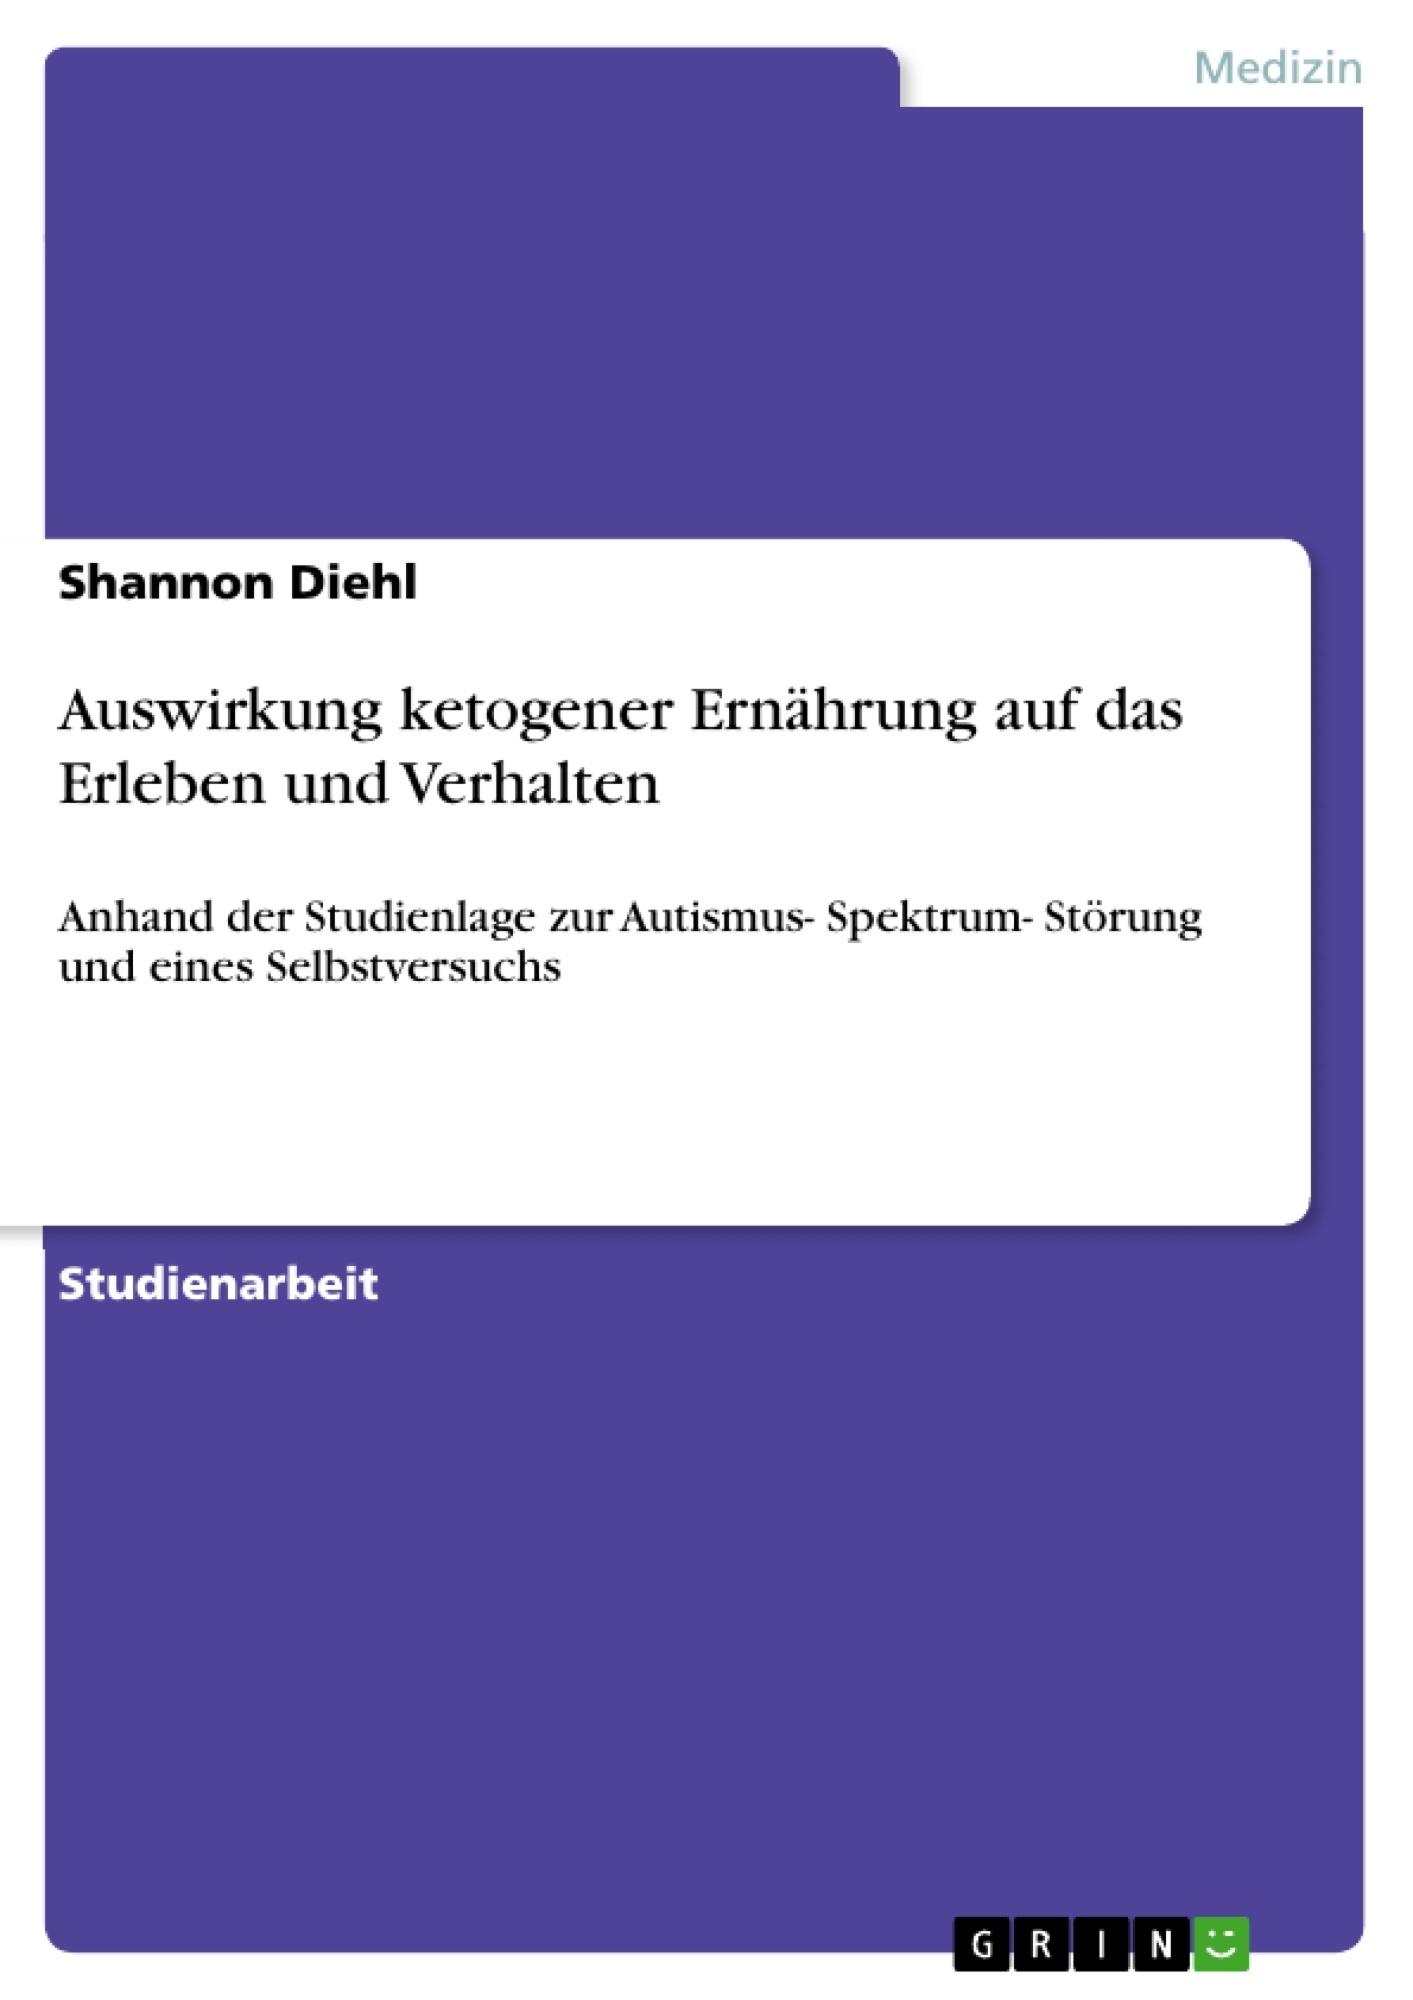 Titel: Auswirkung ketogener Ernährung auf das Erleben und Verhalten